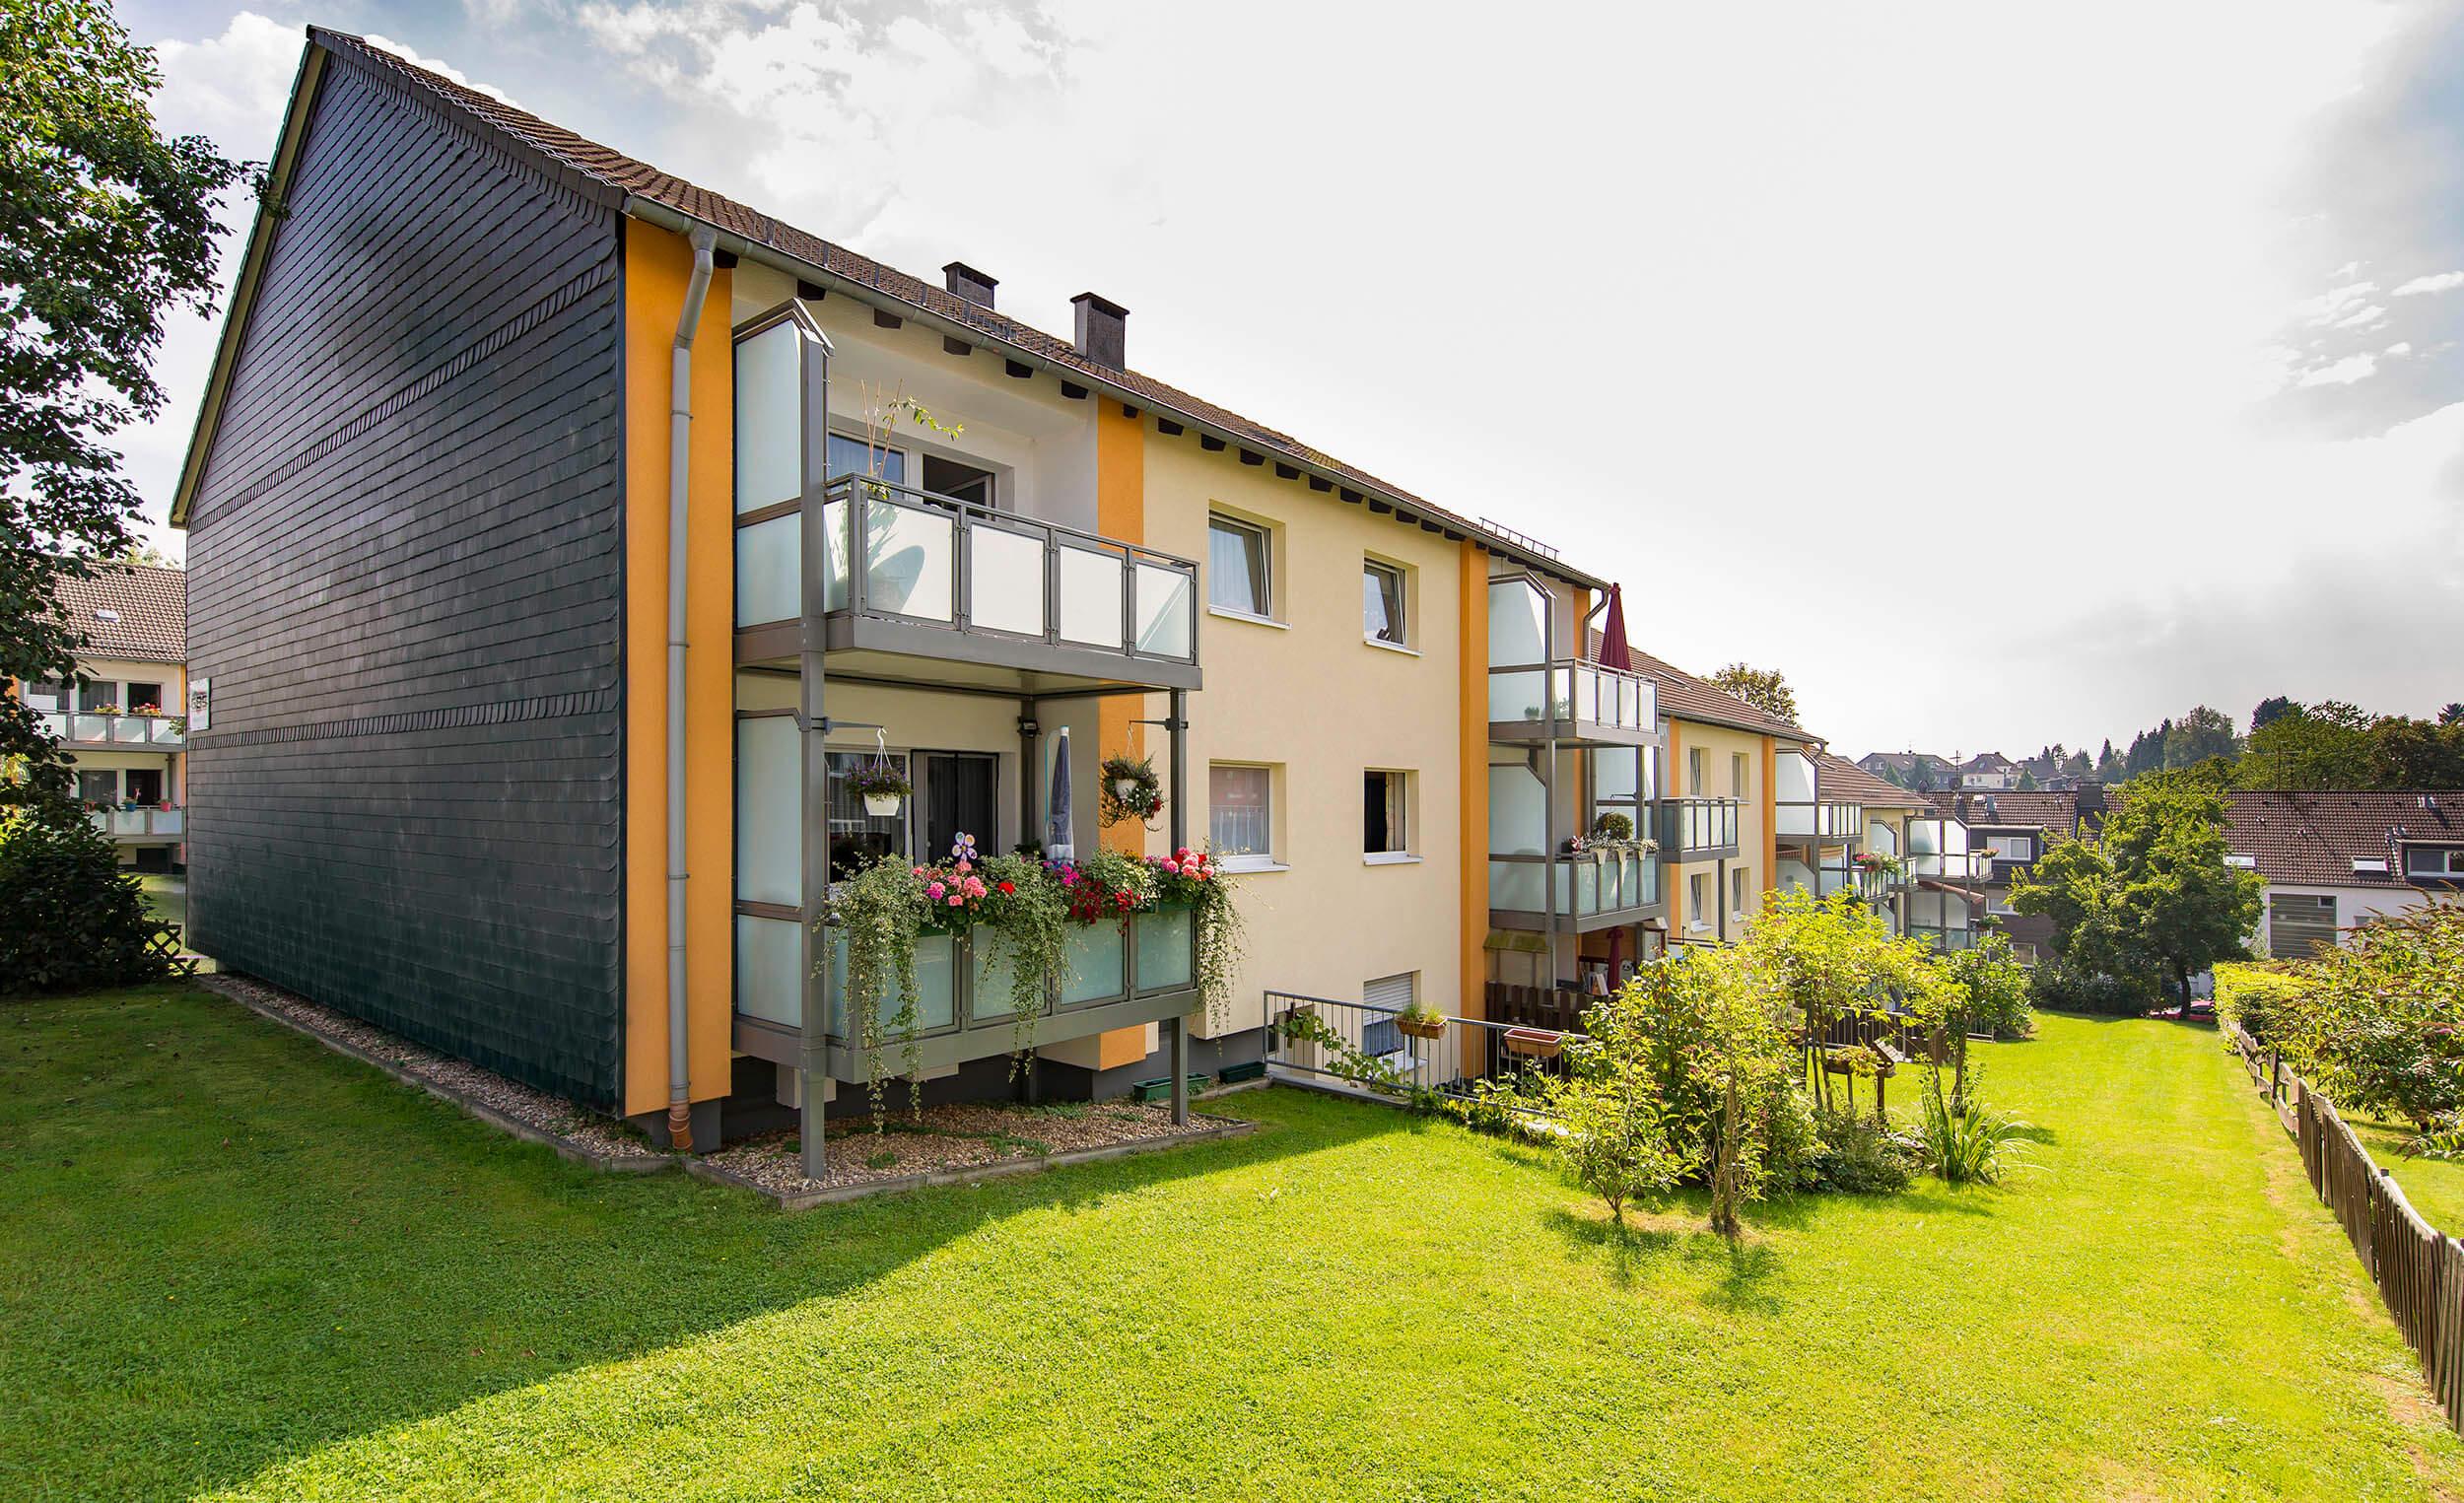 Vorteile Von Mietwohnungen : Gemütliche mietwohnungen zu fairen preisen gbs hückeswagen